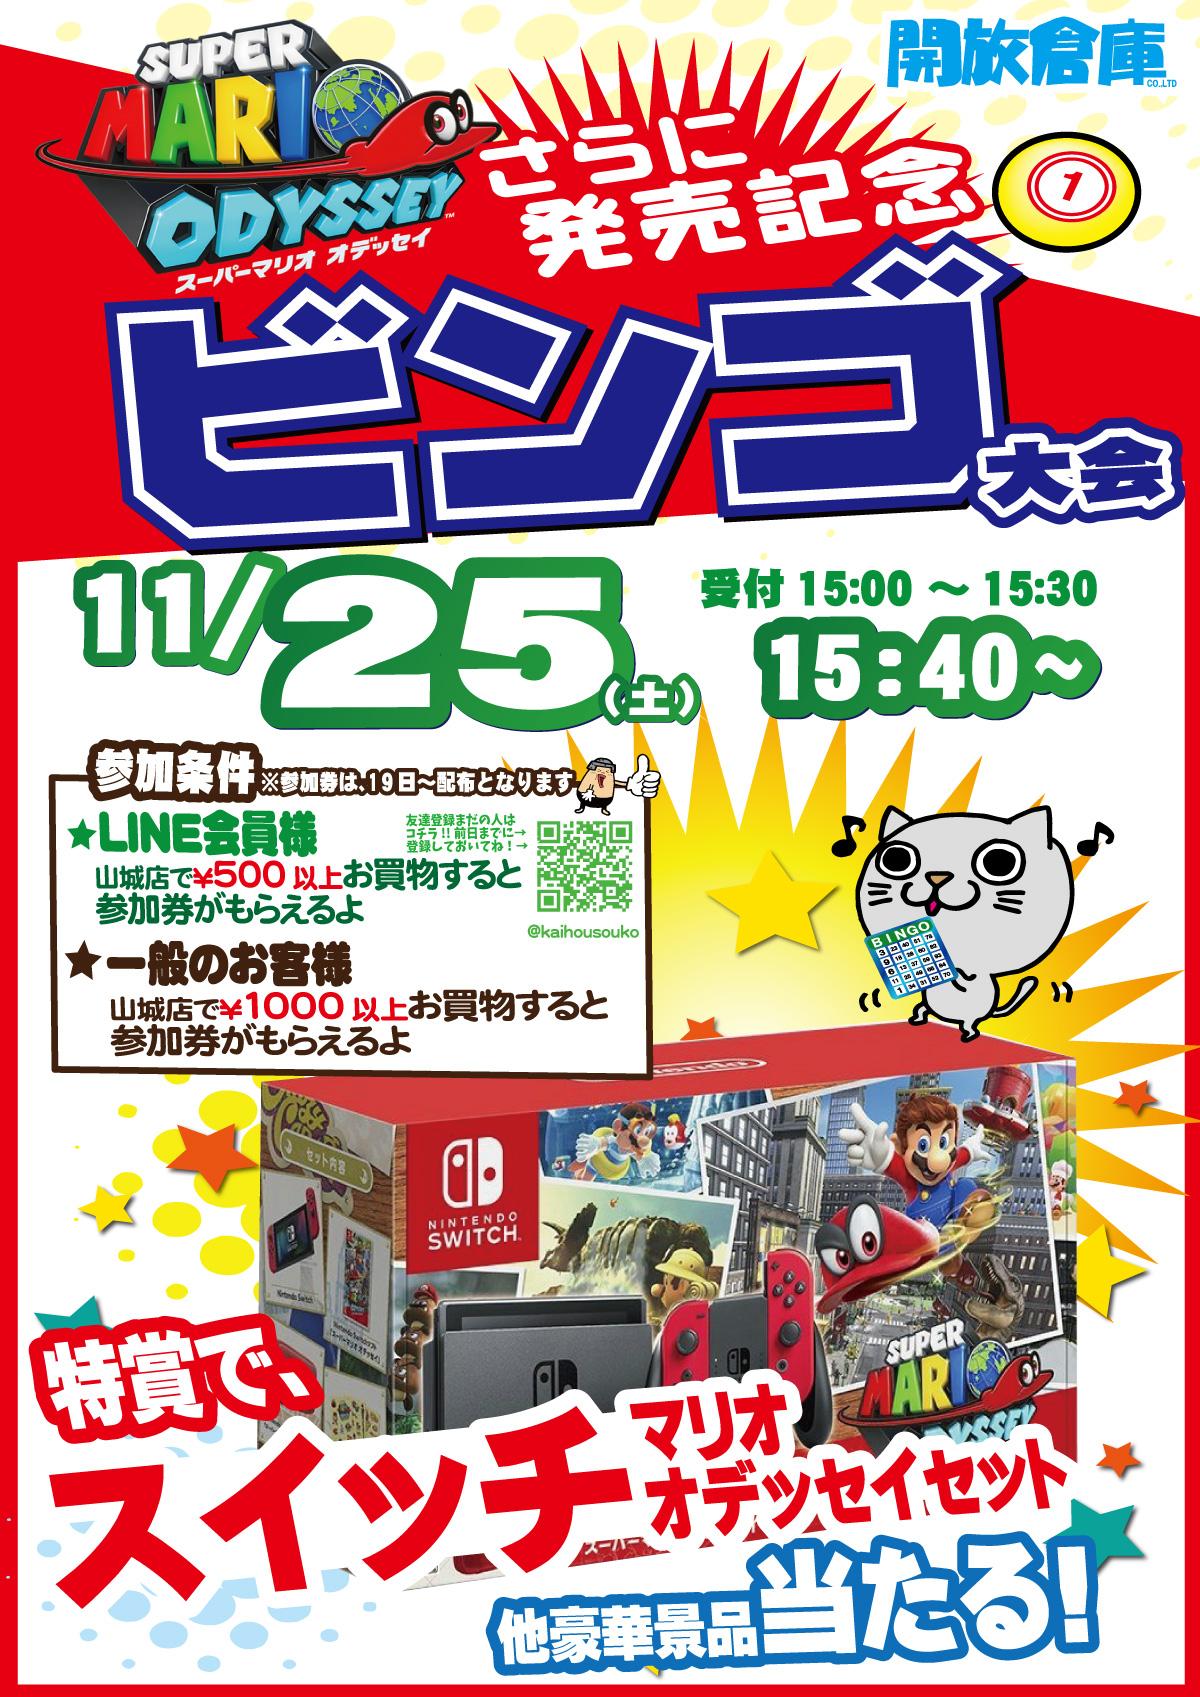 「開放倉庫山城店」イベント「Nintendo Switch スーパーマリオオデッセイセット・他豪華景品が当たる!」ビンゴ大会は、11/25(土)15:00~受付開始!※参加券は、19日(日)より配布開始となります!